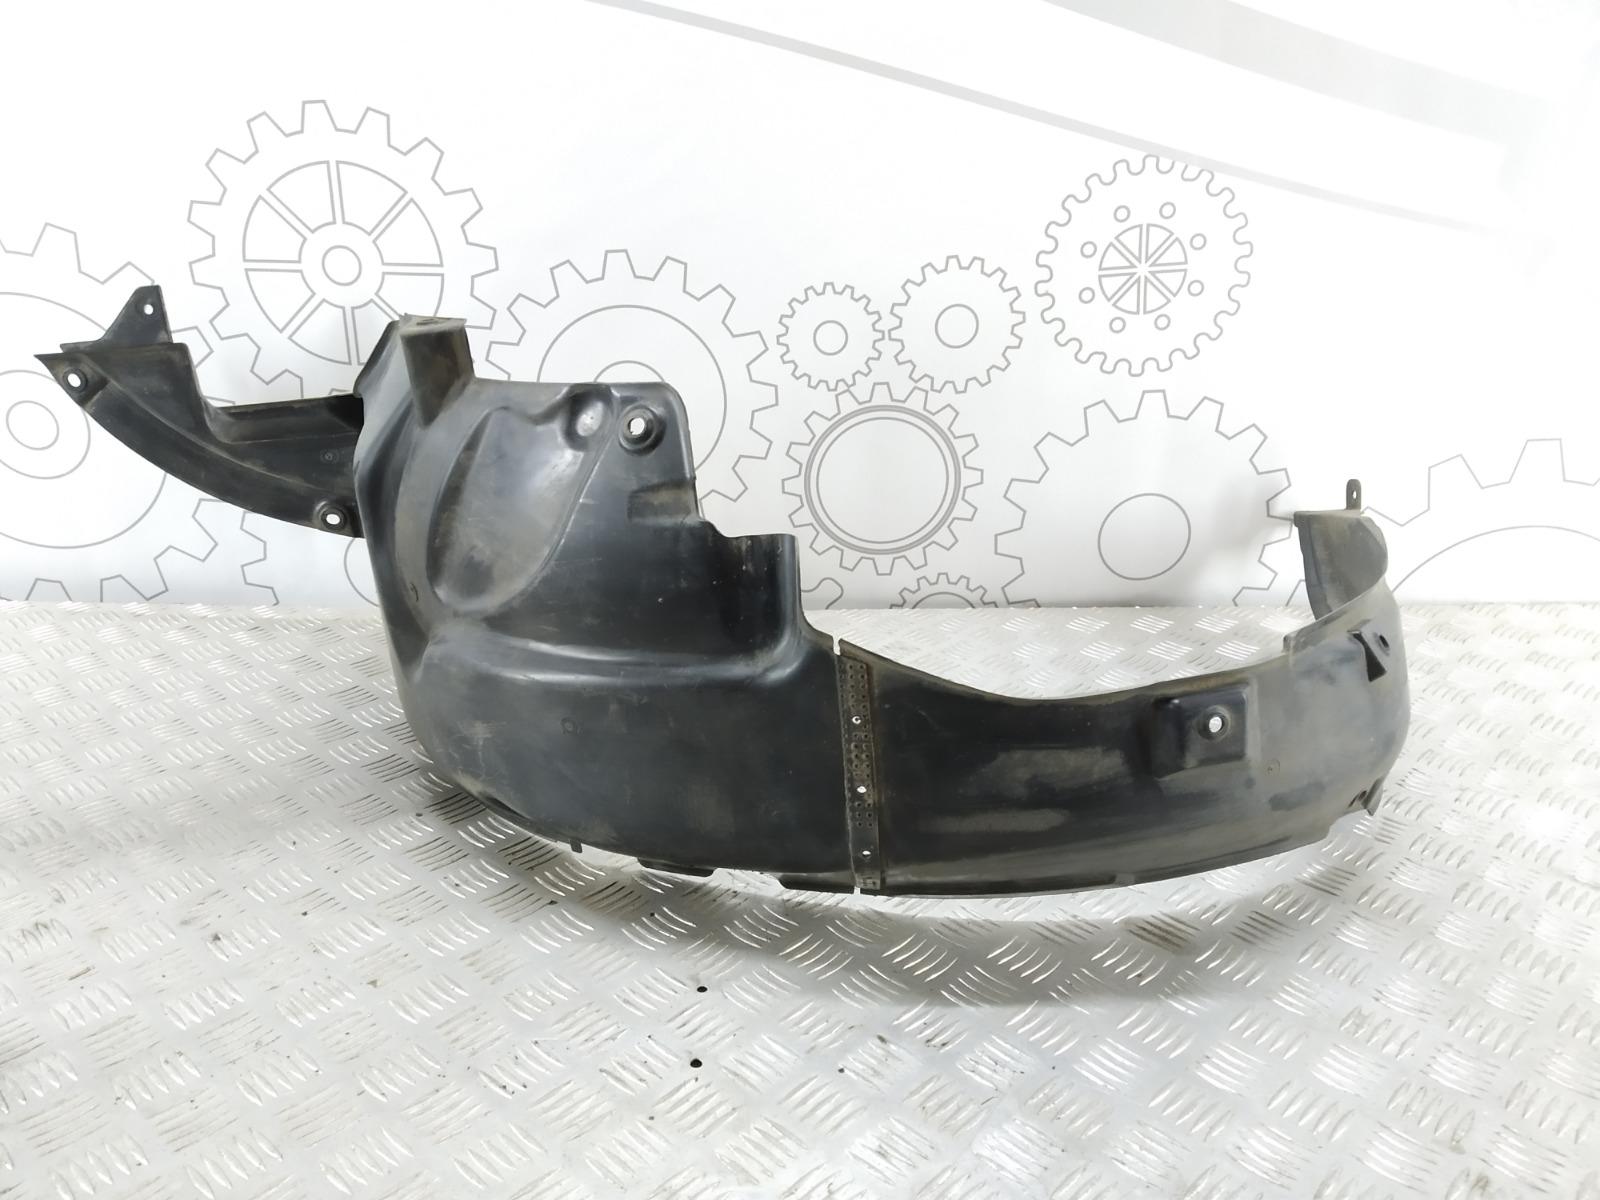 Защита арок передняя левая (подкрылок) Kia Carens 2.0 CRDI 2006 (б/у)